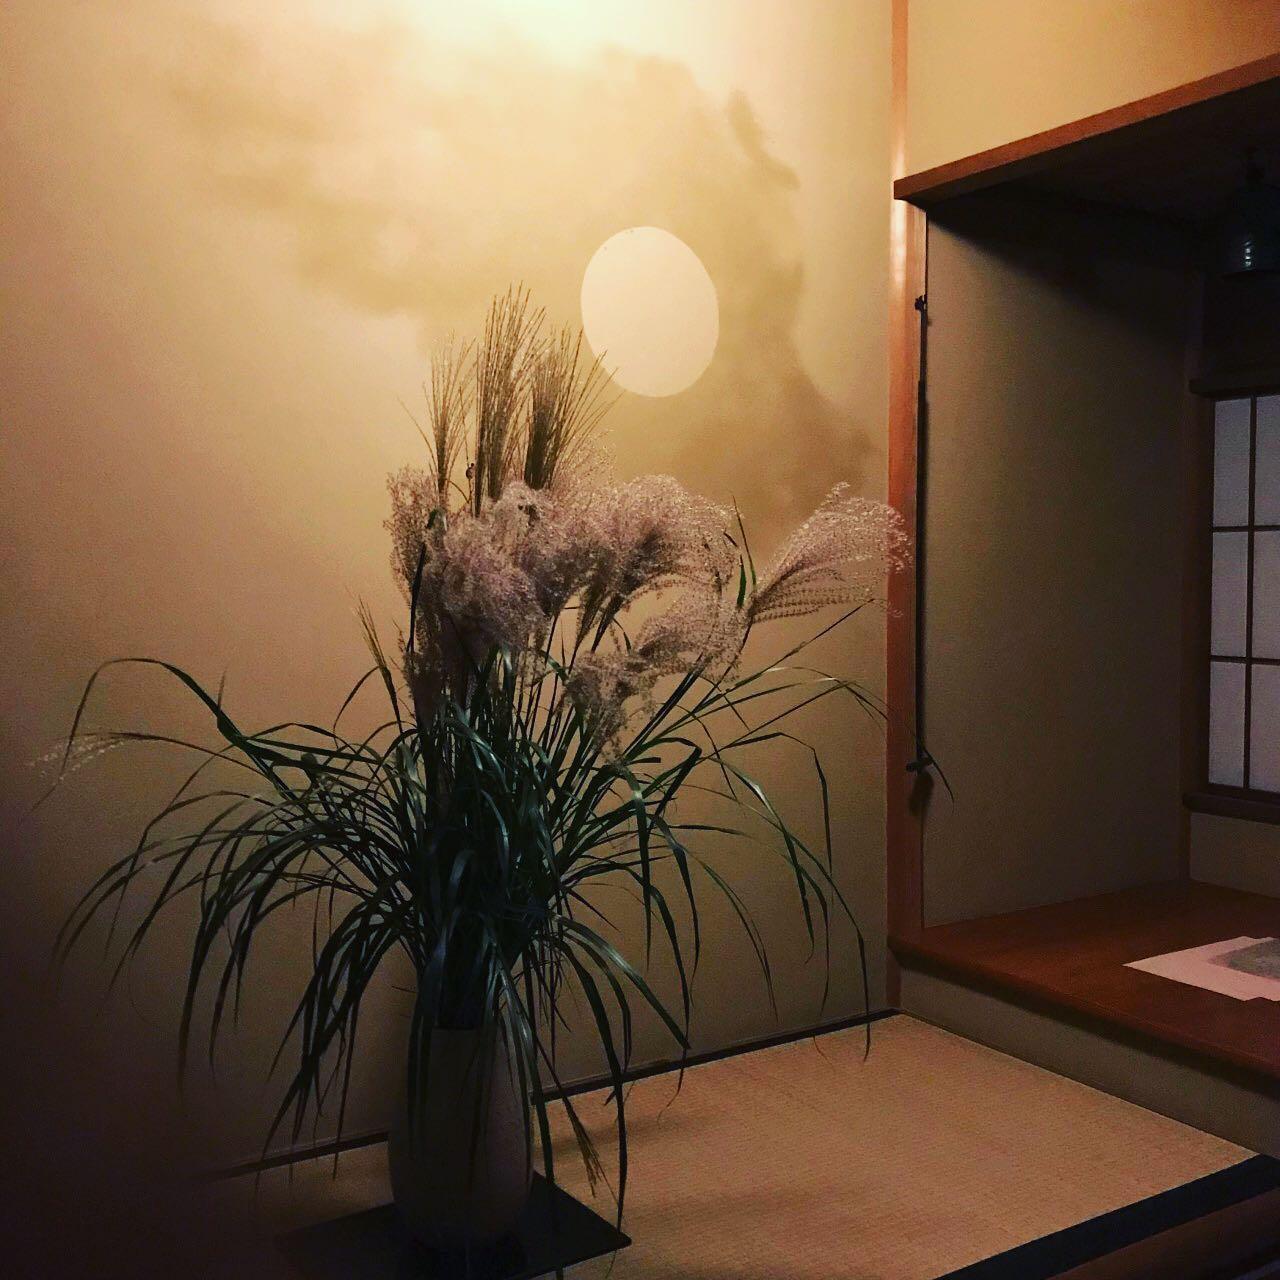 気がつけば10月になり、緊急事態宣言も解除、晴れやかな秋の気配ですが、、、先日見事な中秋の名月に際し観月茶事がありました。私はいつものごとく裏でお手伝いですが、、、楽しそうな皆さまのお顔に元気をいただいた一日でした。#田町 #芝浦 #高輪 #三田 #art #tamachi #mita #shibaura #minatoku #takanawa #一生懸命に書いた字が好き #港区書道教室  #伝統文化